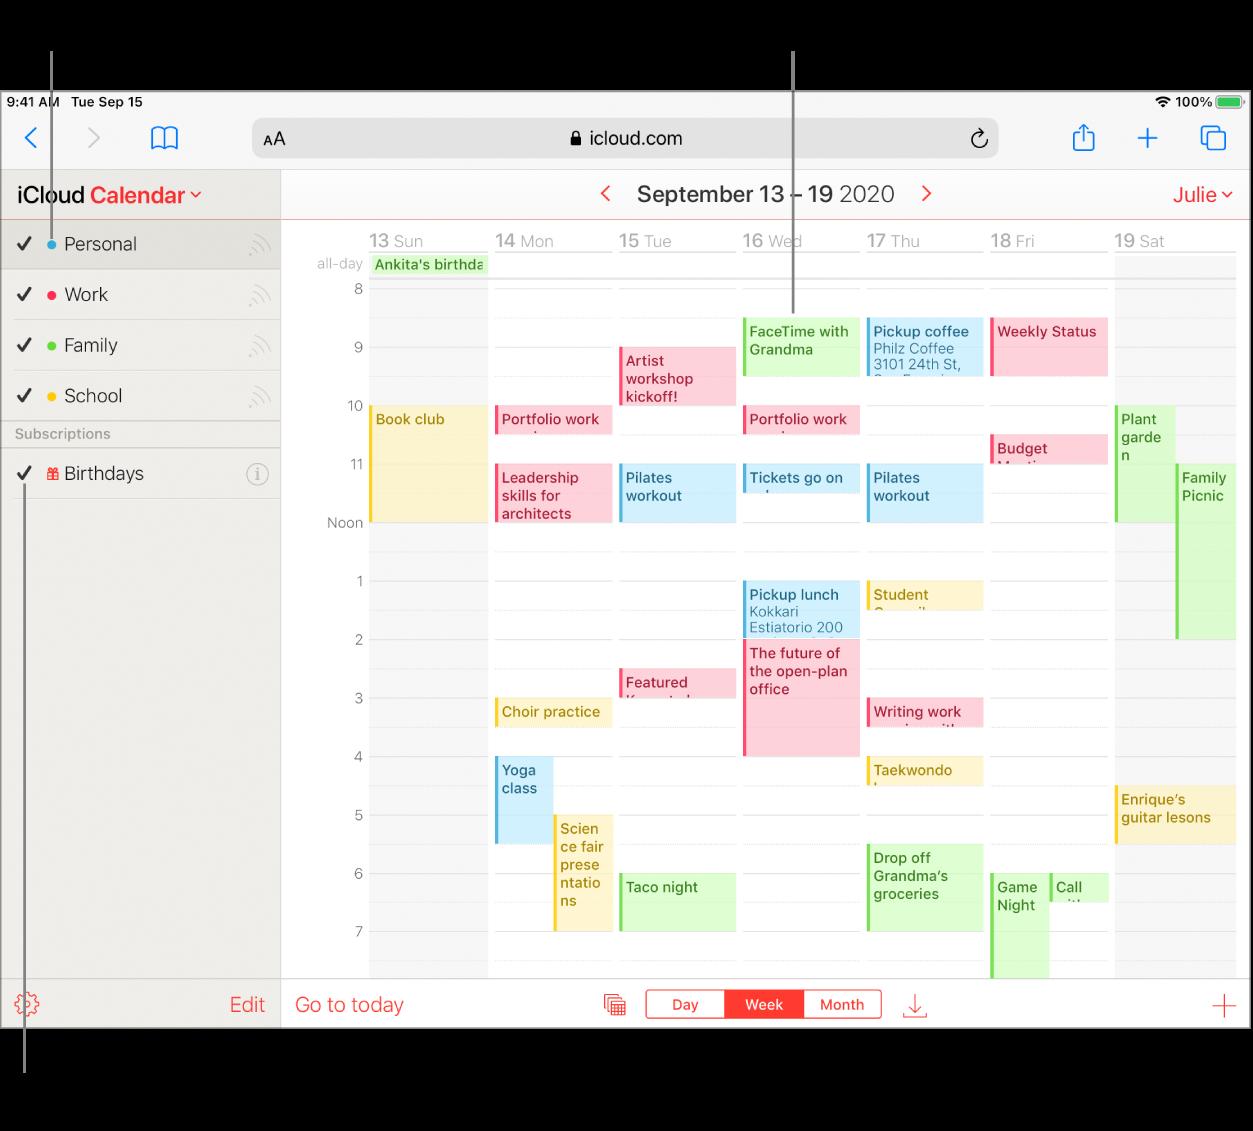 Image de la fenêtre CalendrieriCloud, où plusieurs calendriers sont visibles. Attribuez une couleur différente à chaque calendrier. La couleur d'un événement indique dans quel calendrier il se trouve. Sélectionnez ou désélectionnez une coche pour afficher ou masquer un calendrier.